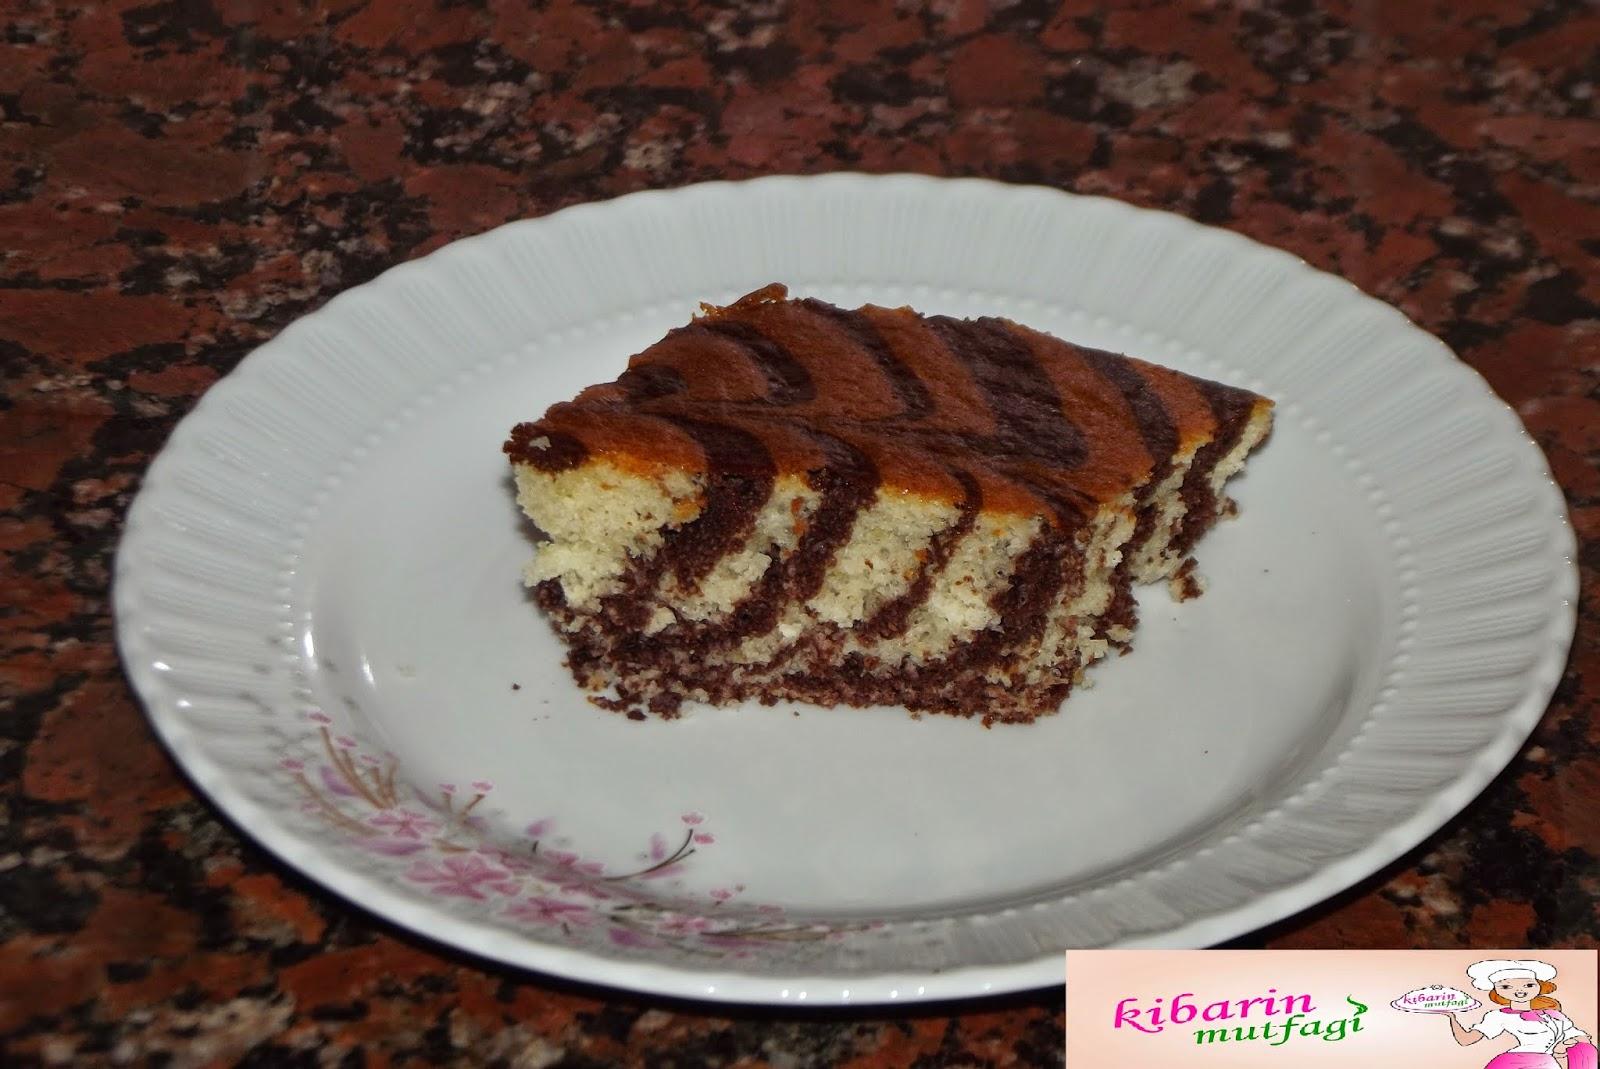 Klasik kek tarifi